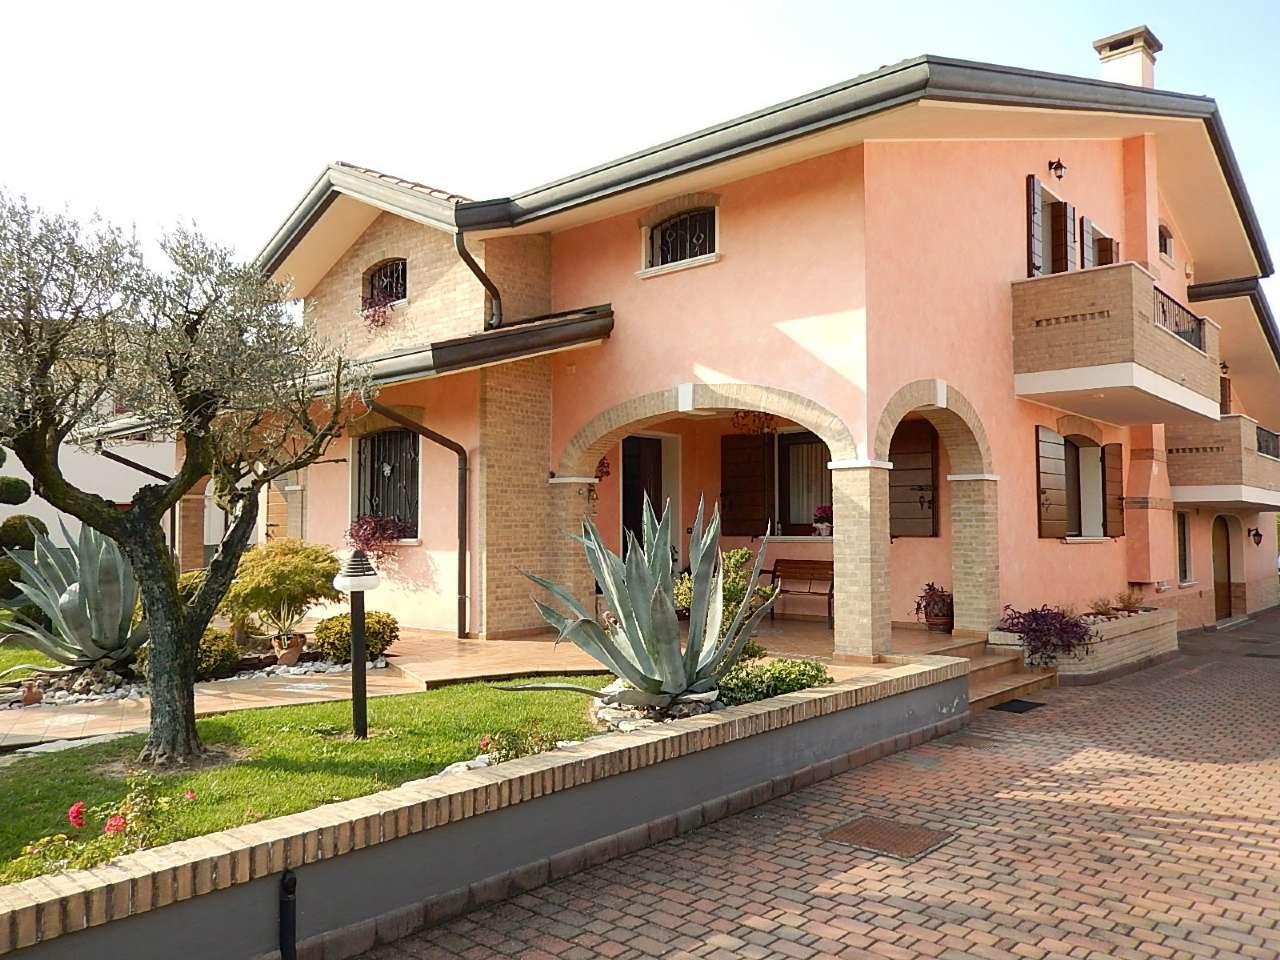 Villa in vendita a Brugine, 10 locali, Trattative riservate | CambioCasa.it